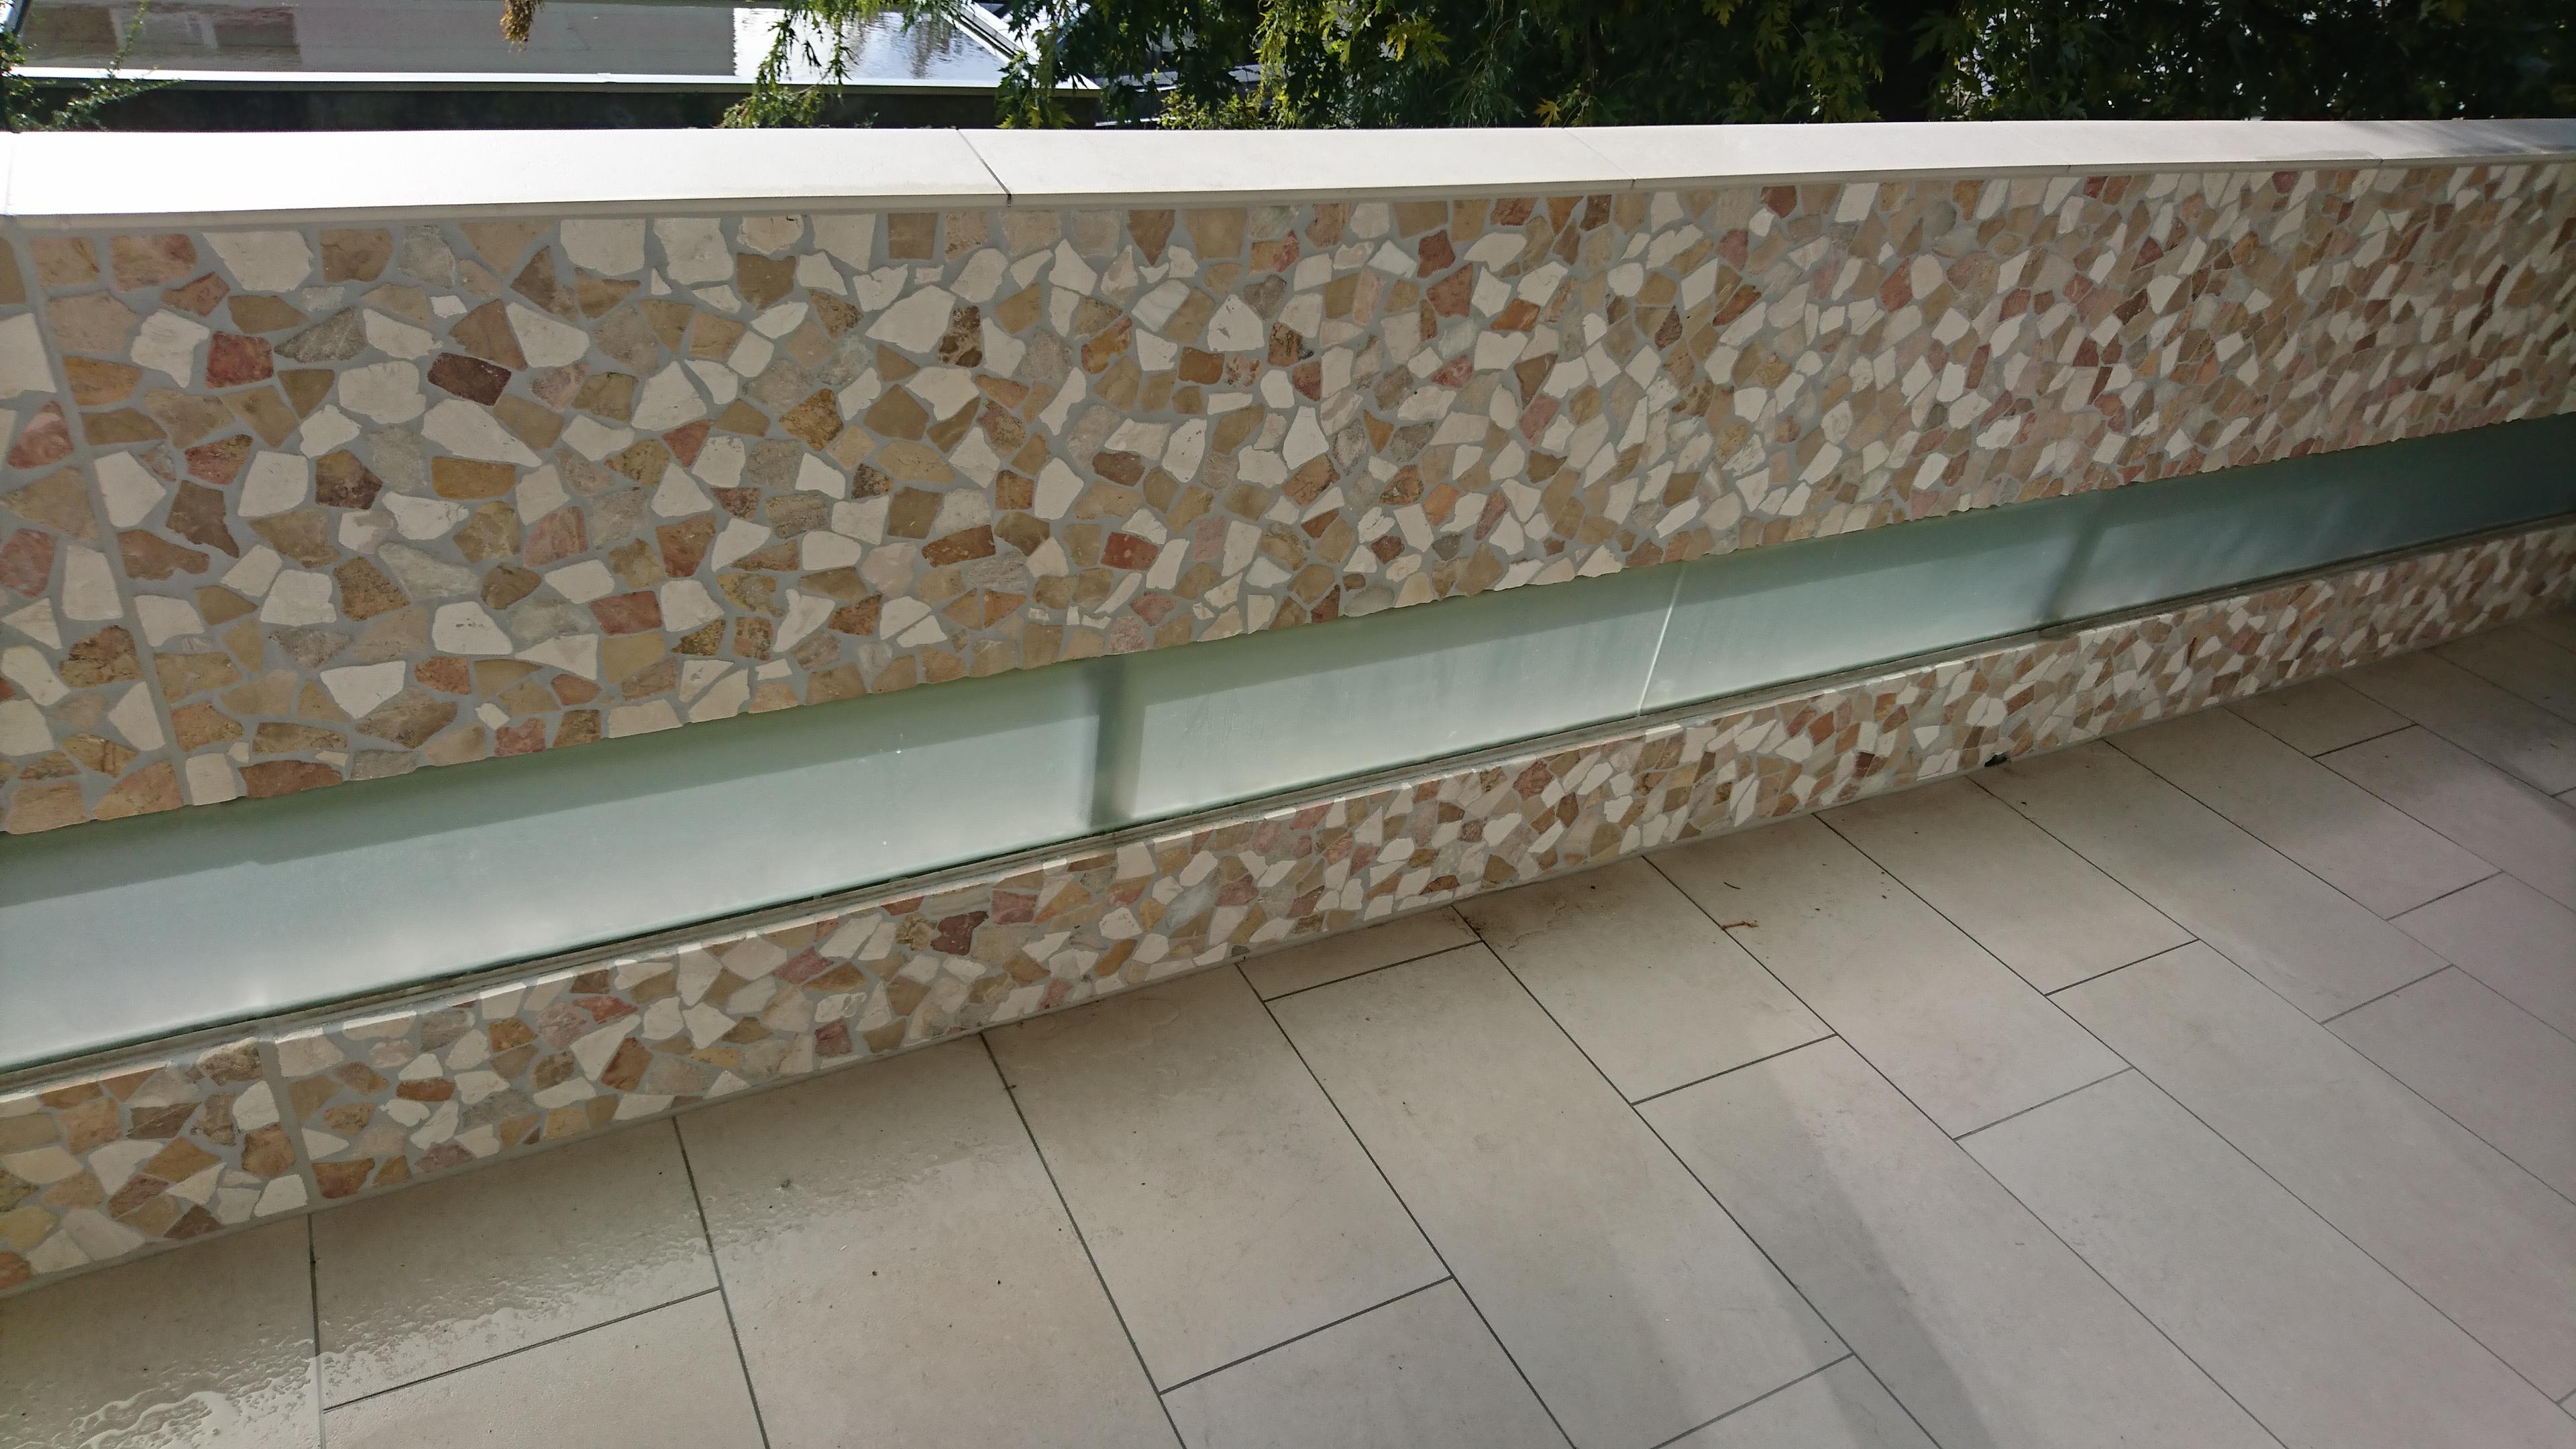 Boden: 30x60 rekt. ; Wand: Mosaik